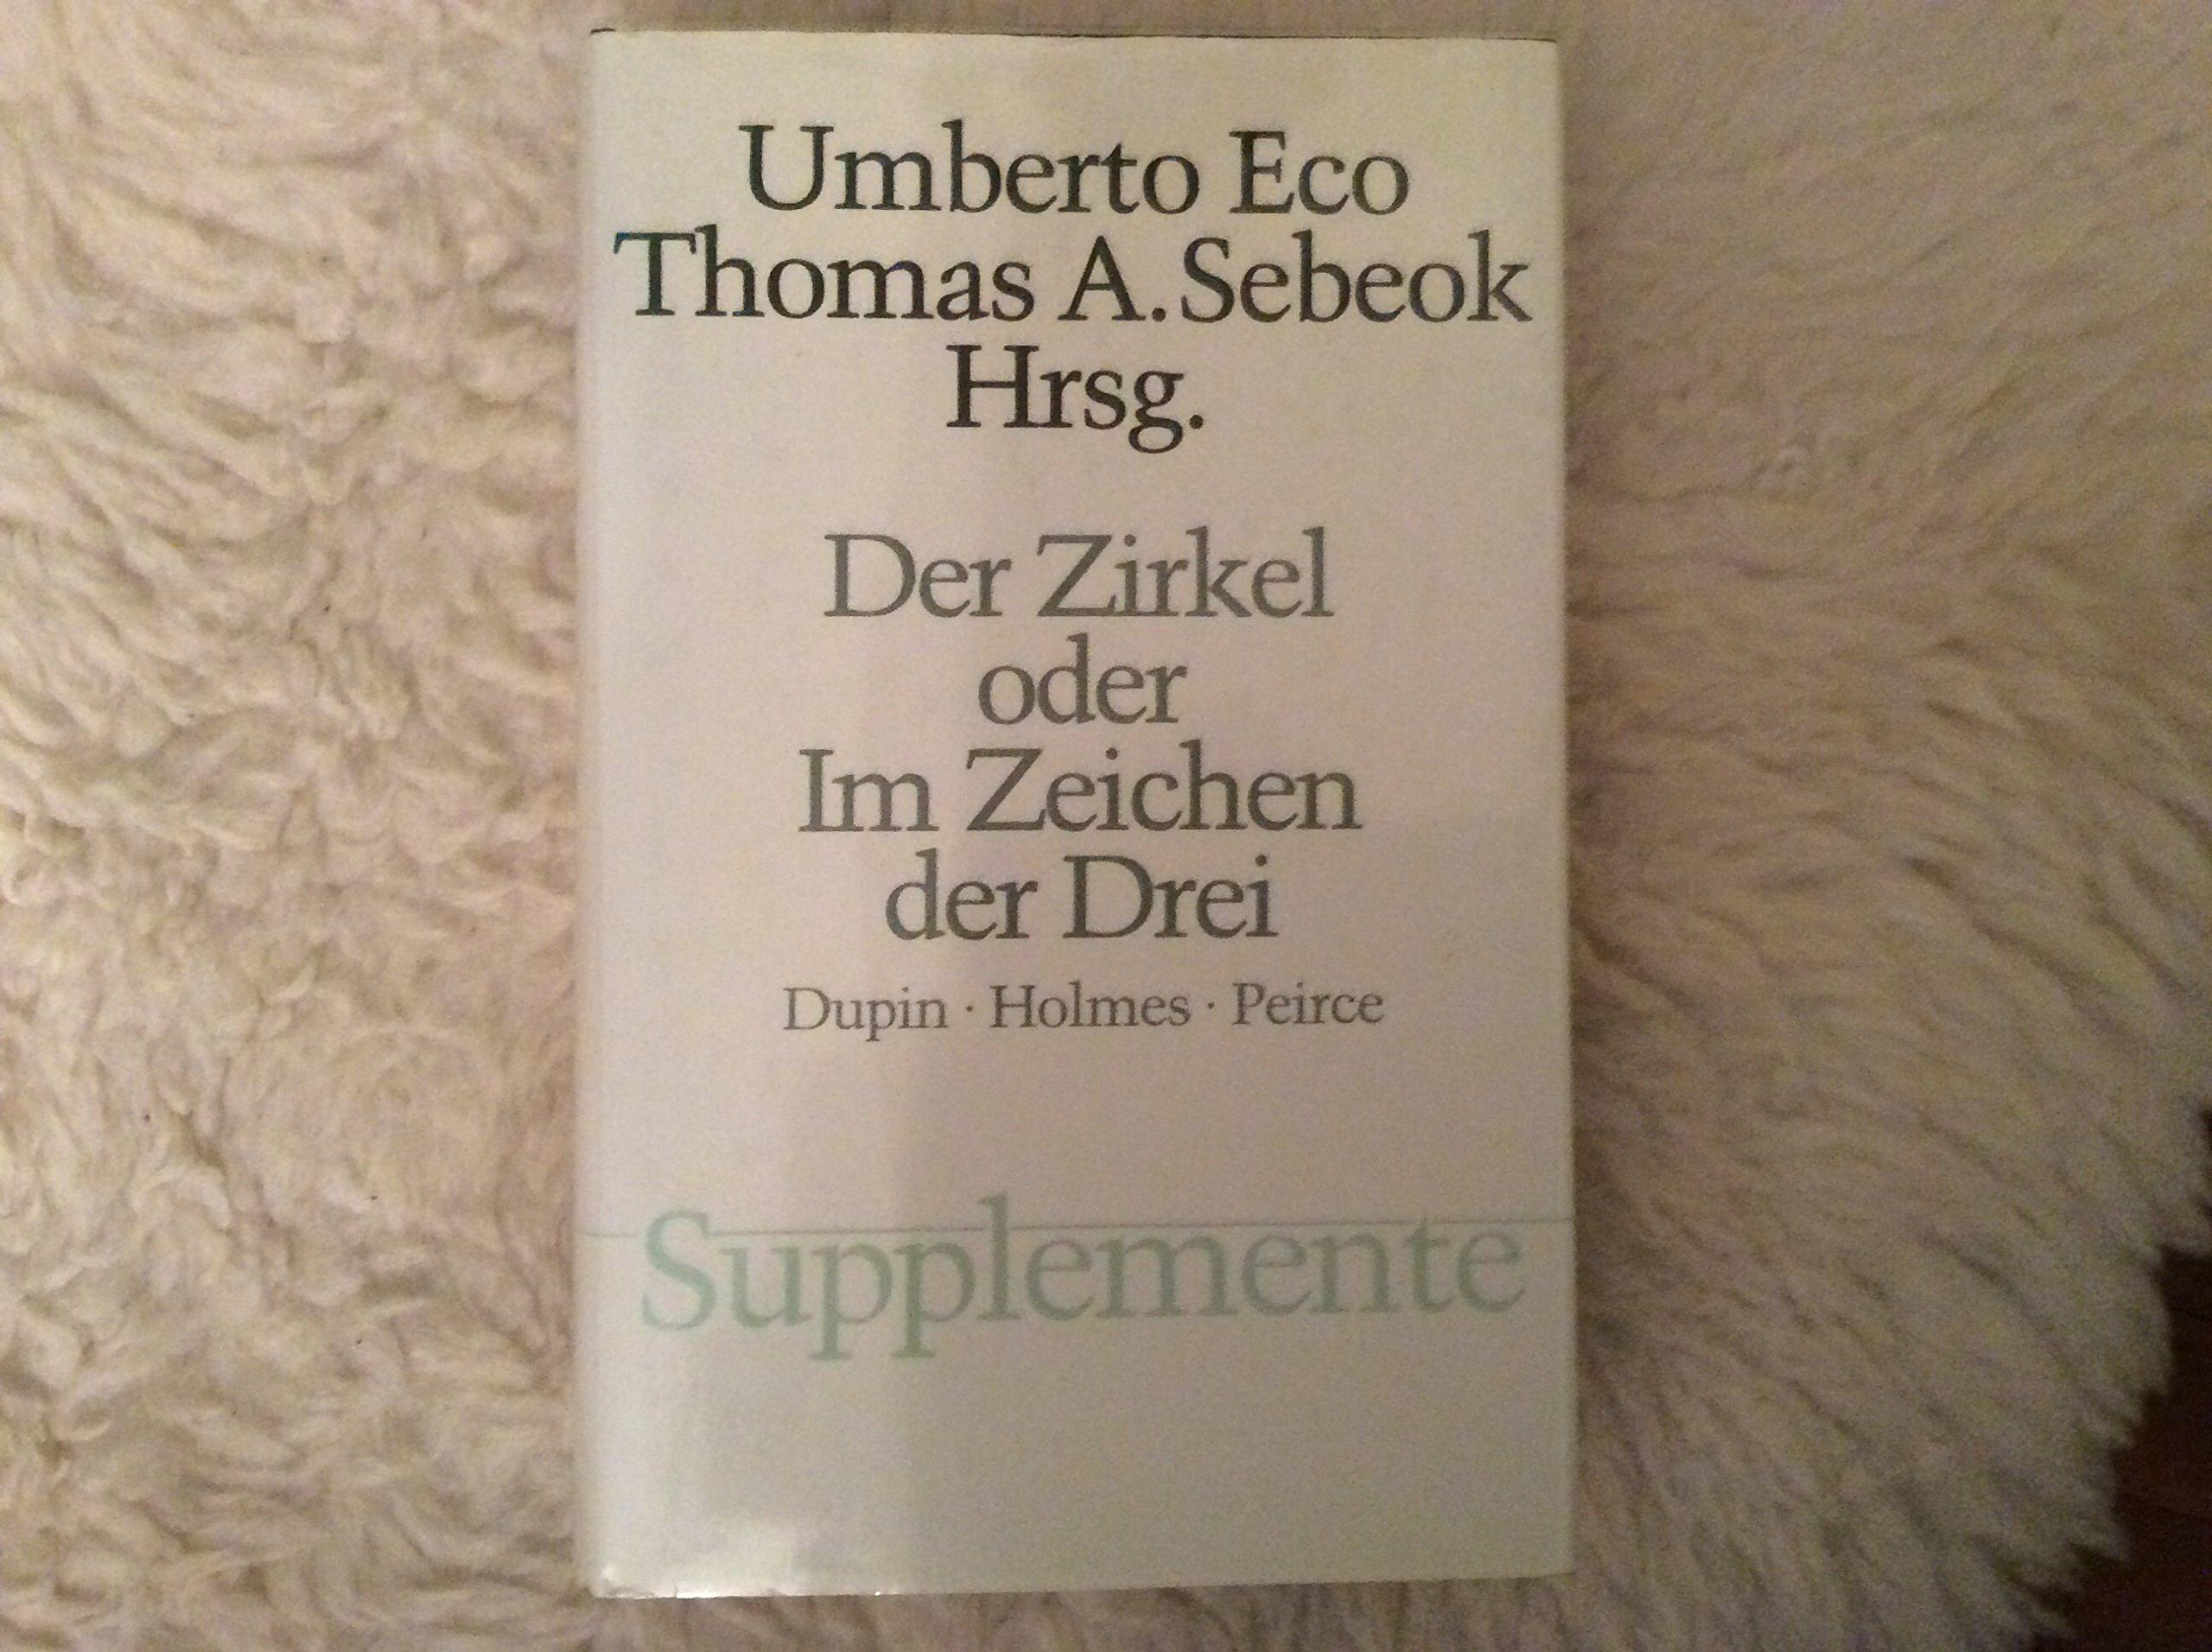 Der Zirkel oder Im Zeichen der Drei. Dupin - Holmes - Peirce: Amazon ...